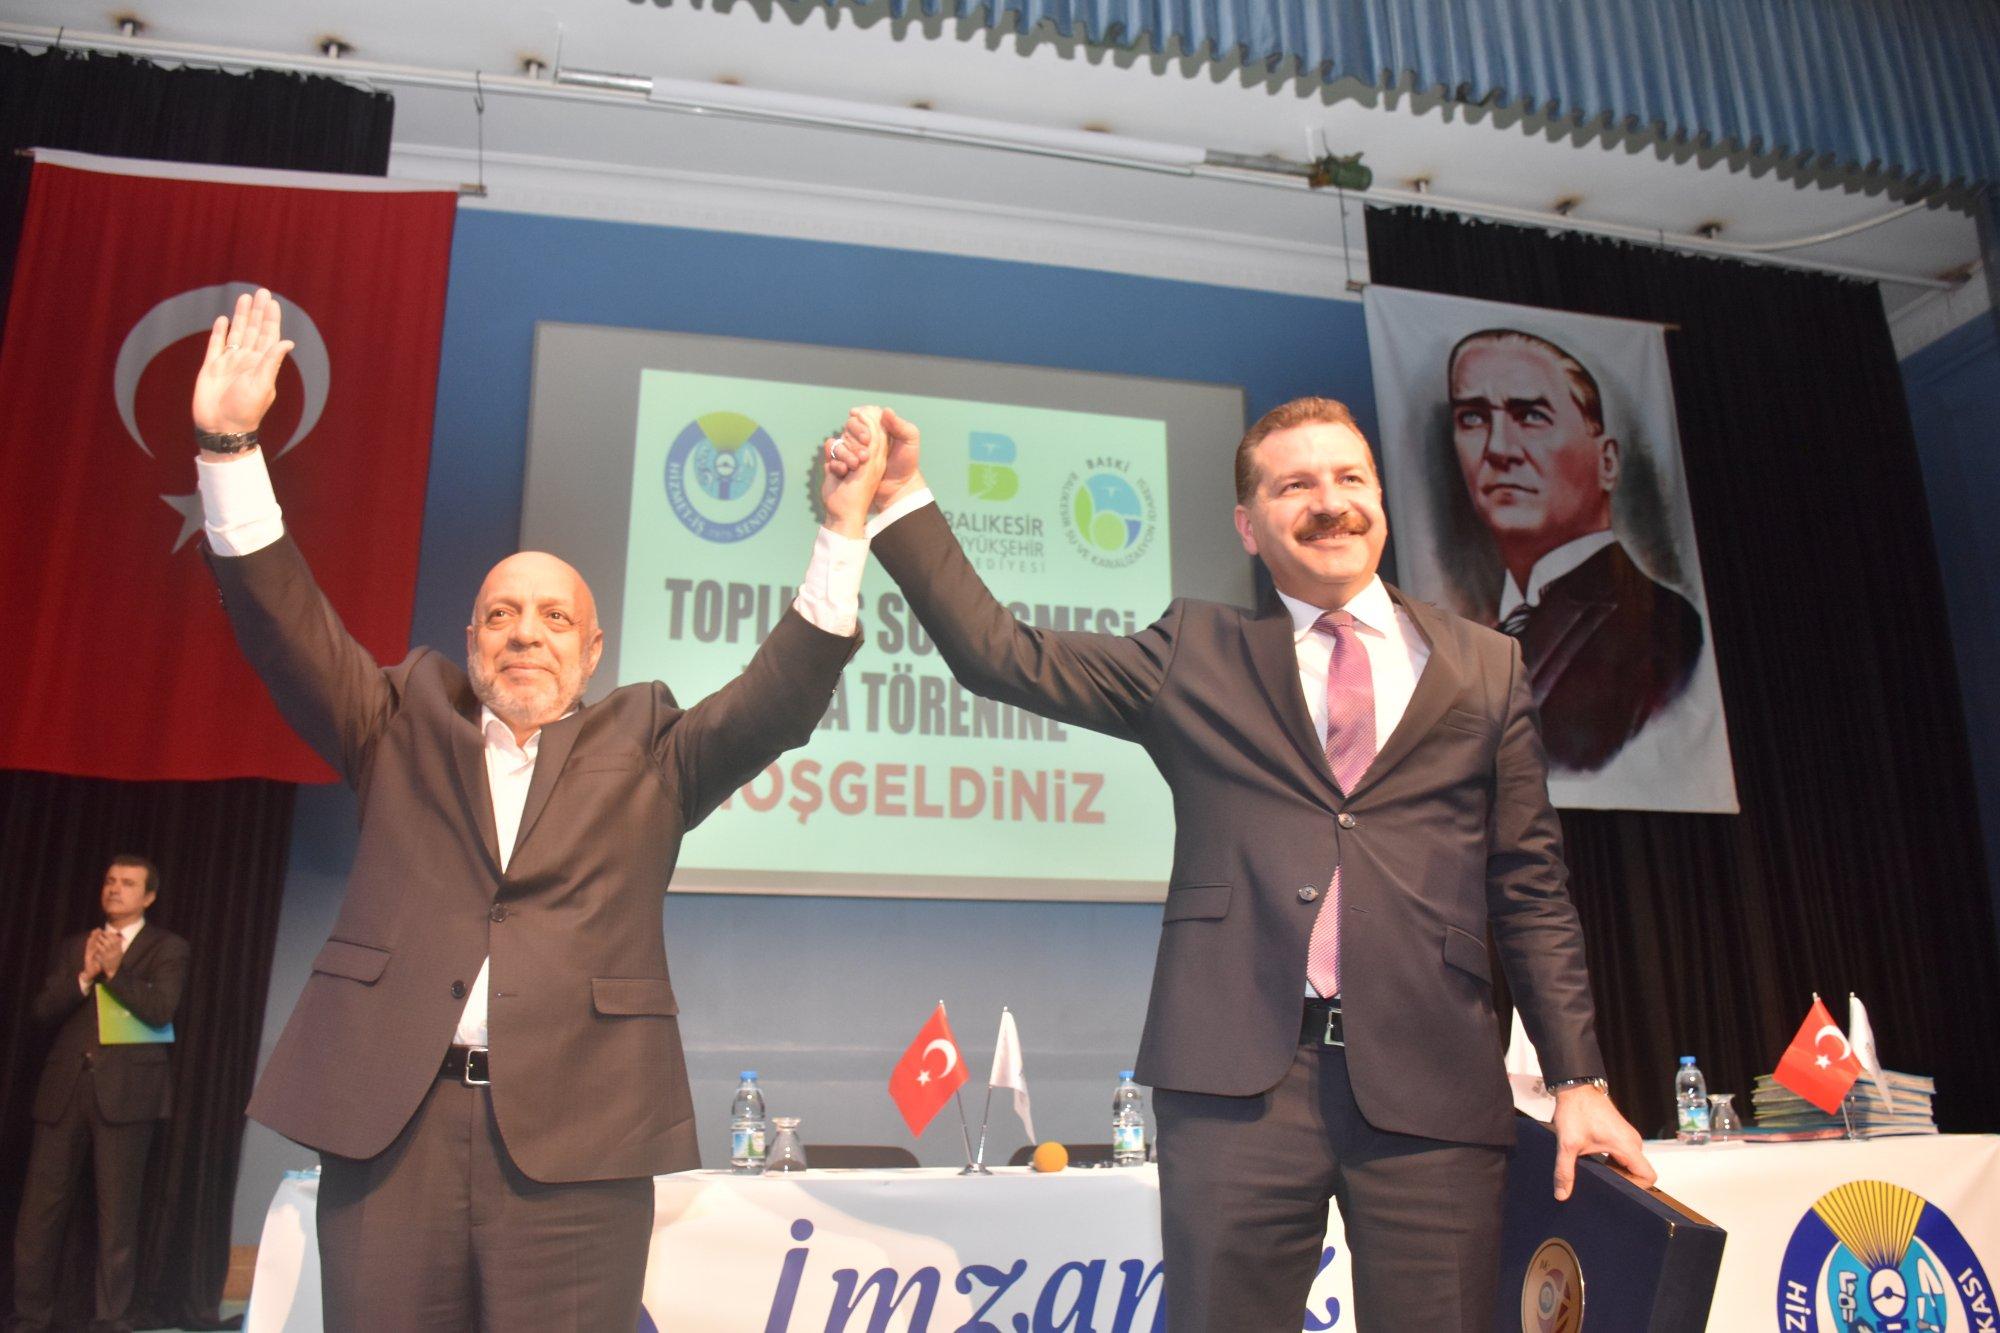 ARSLAN BALIKESİR'DE TİS İMZA TÖRENİNE KATILDI